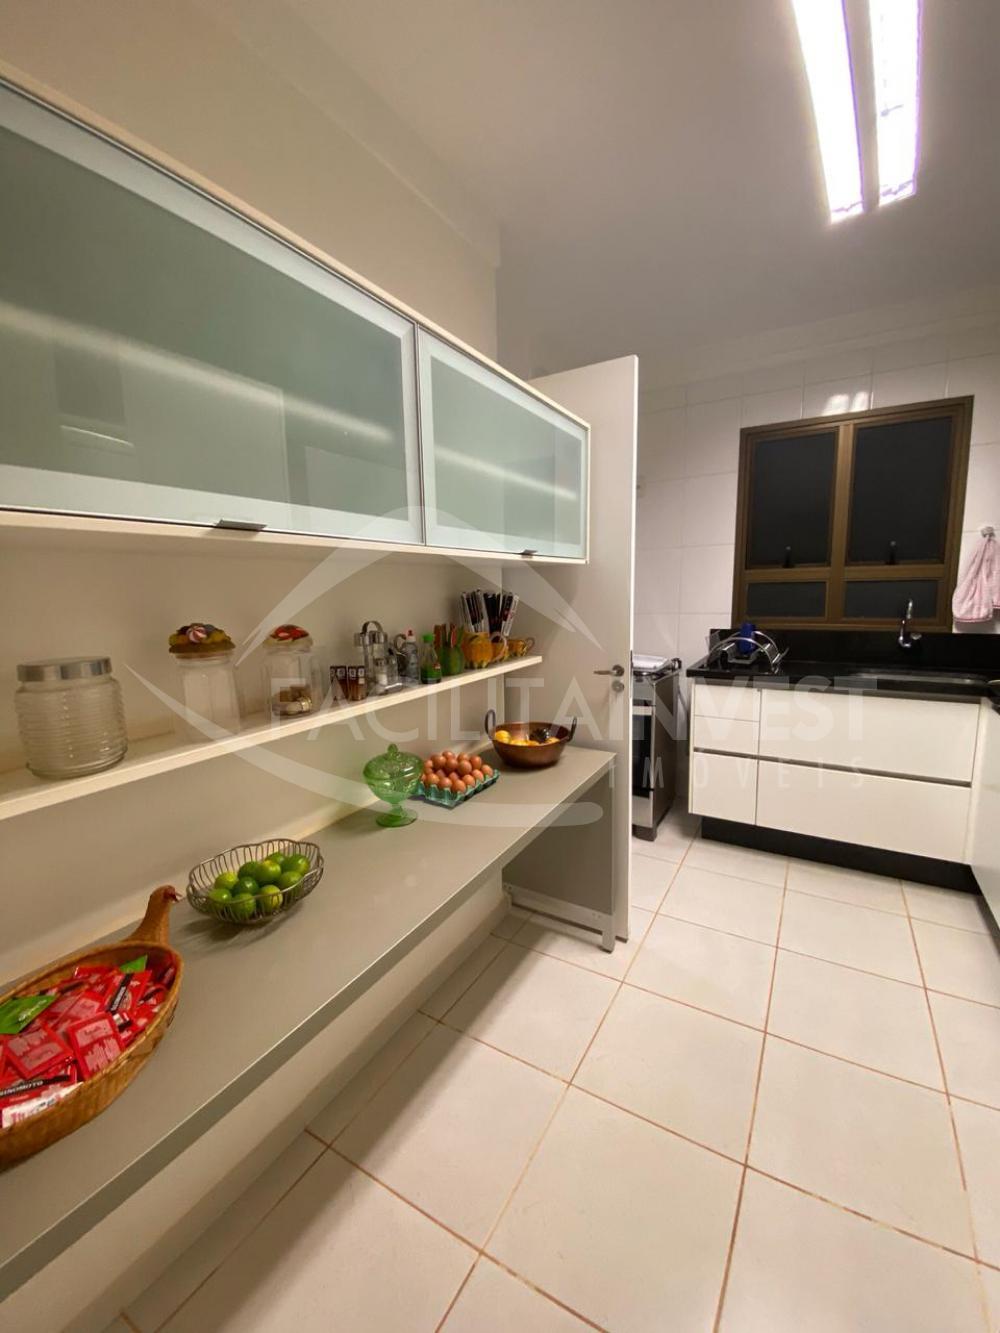 Comprar Apartamentos / Apart. Padrão em Ribeirão Preto apenas R$ 495.000,00 - Foto 6